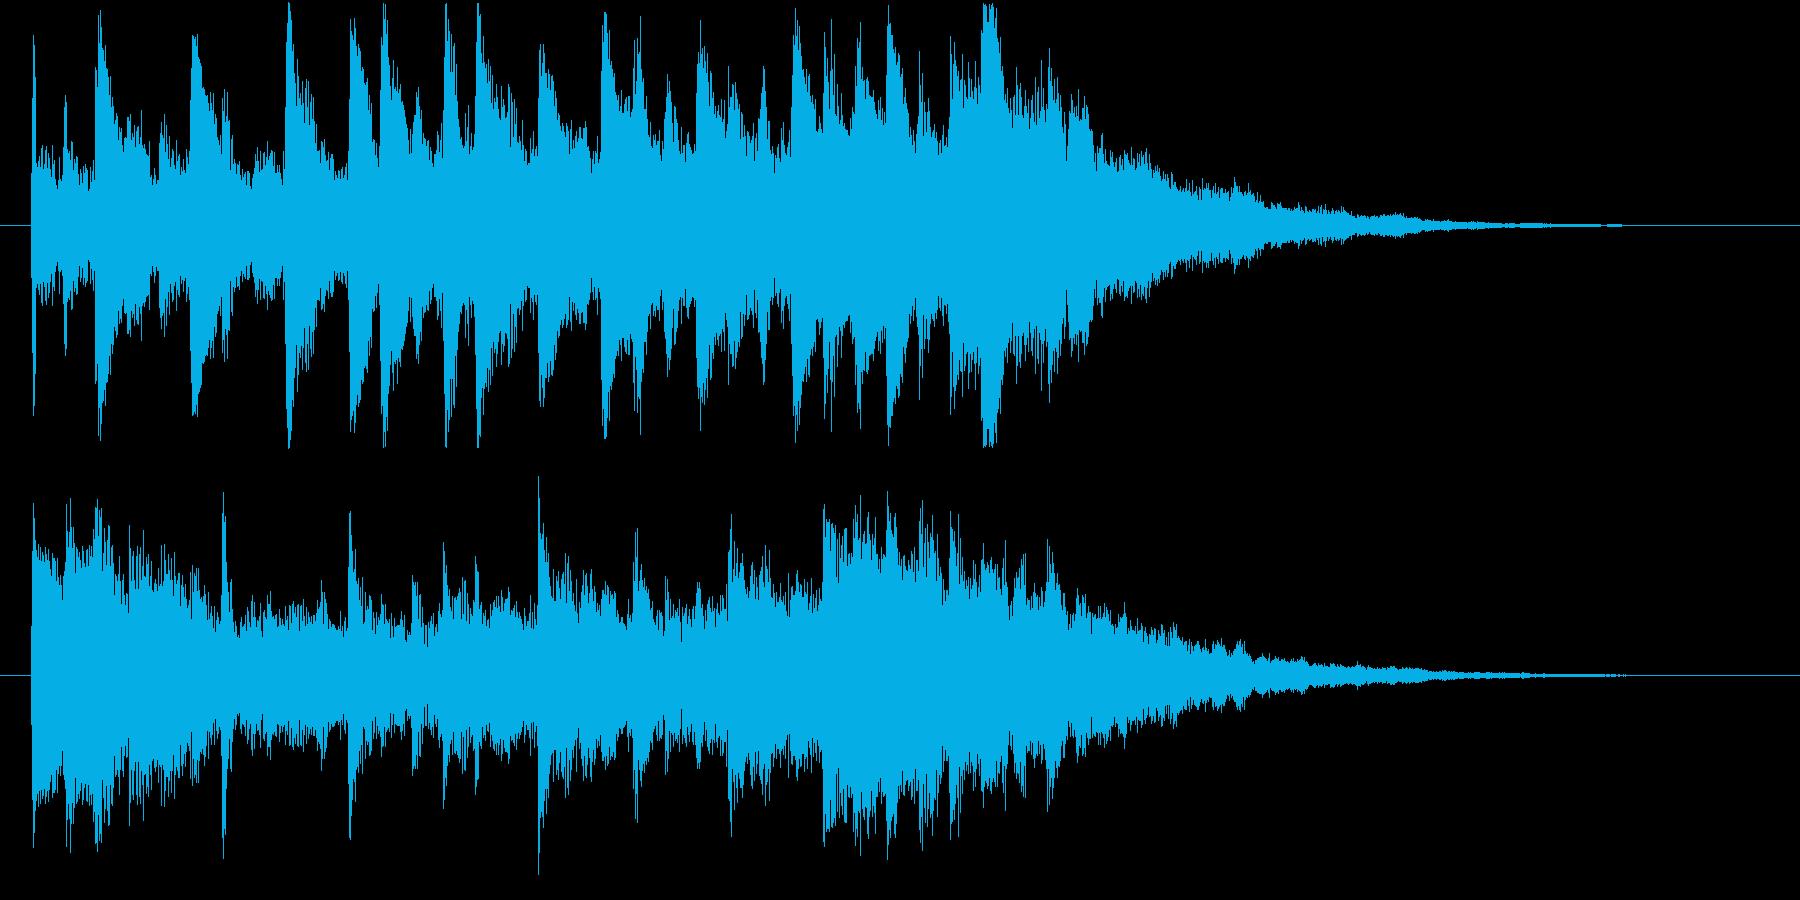 スタイリッシュなインスピレーション系ロゴの再生済みの波形